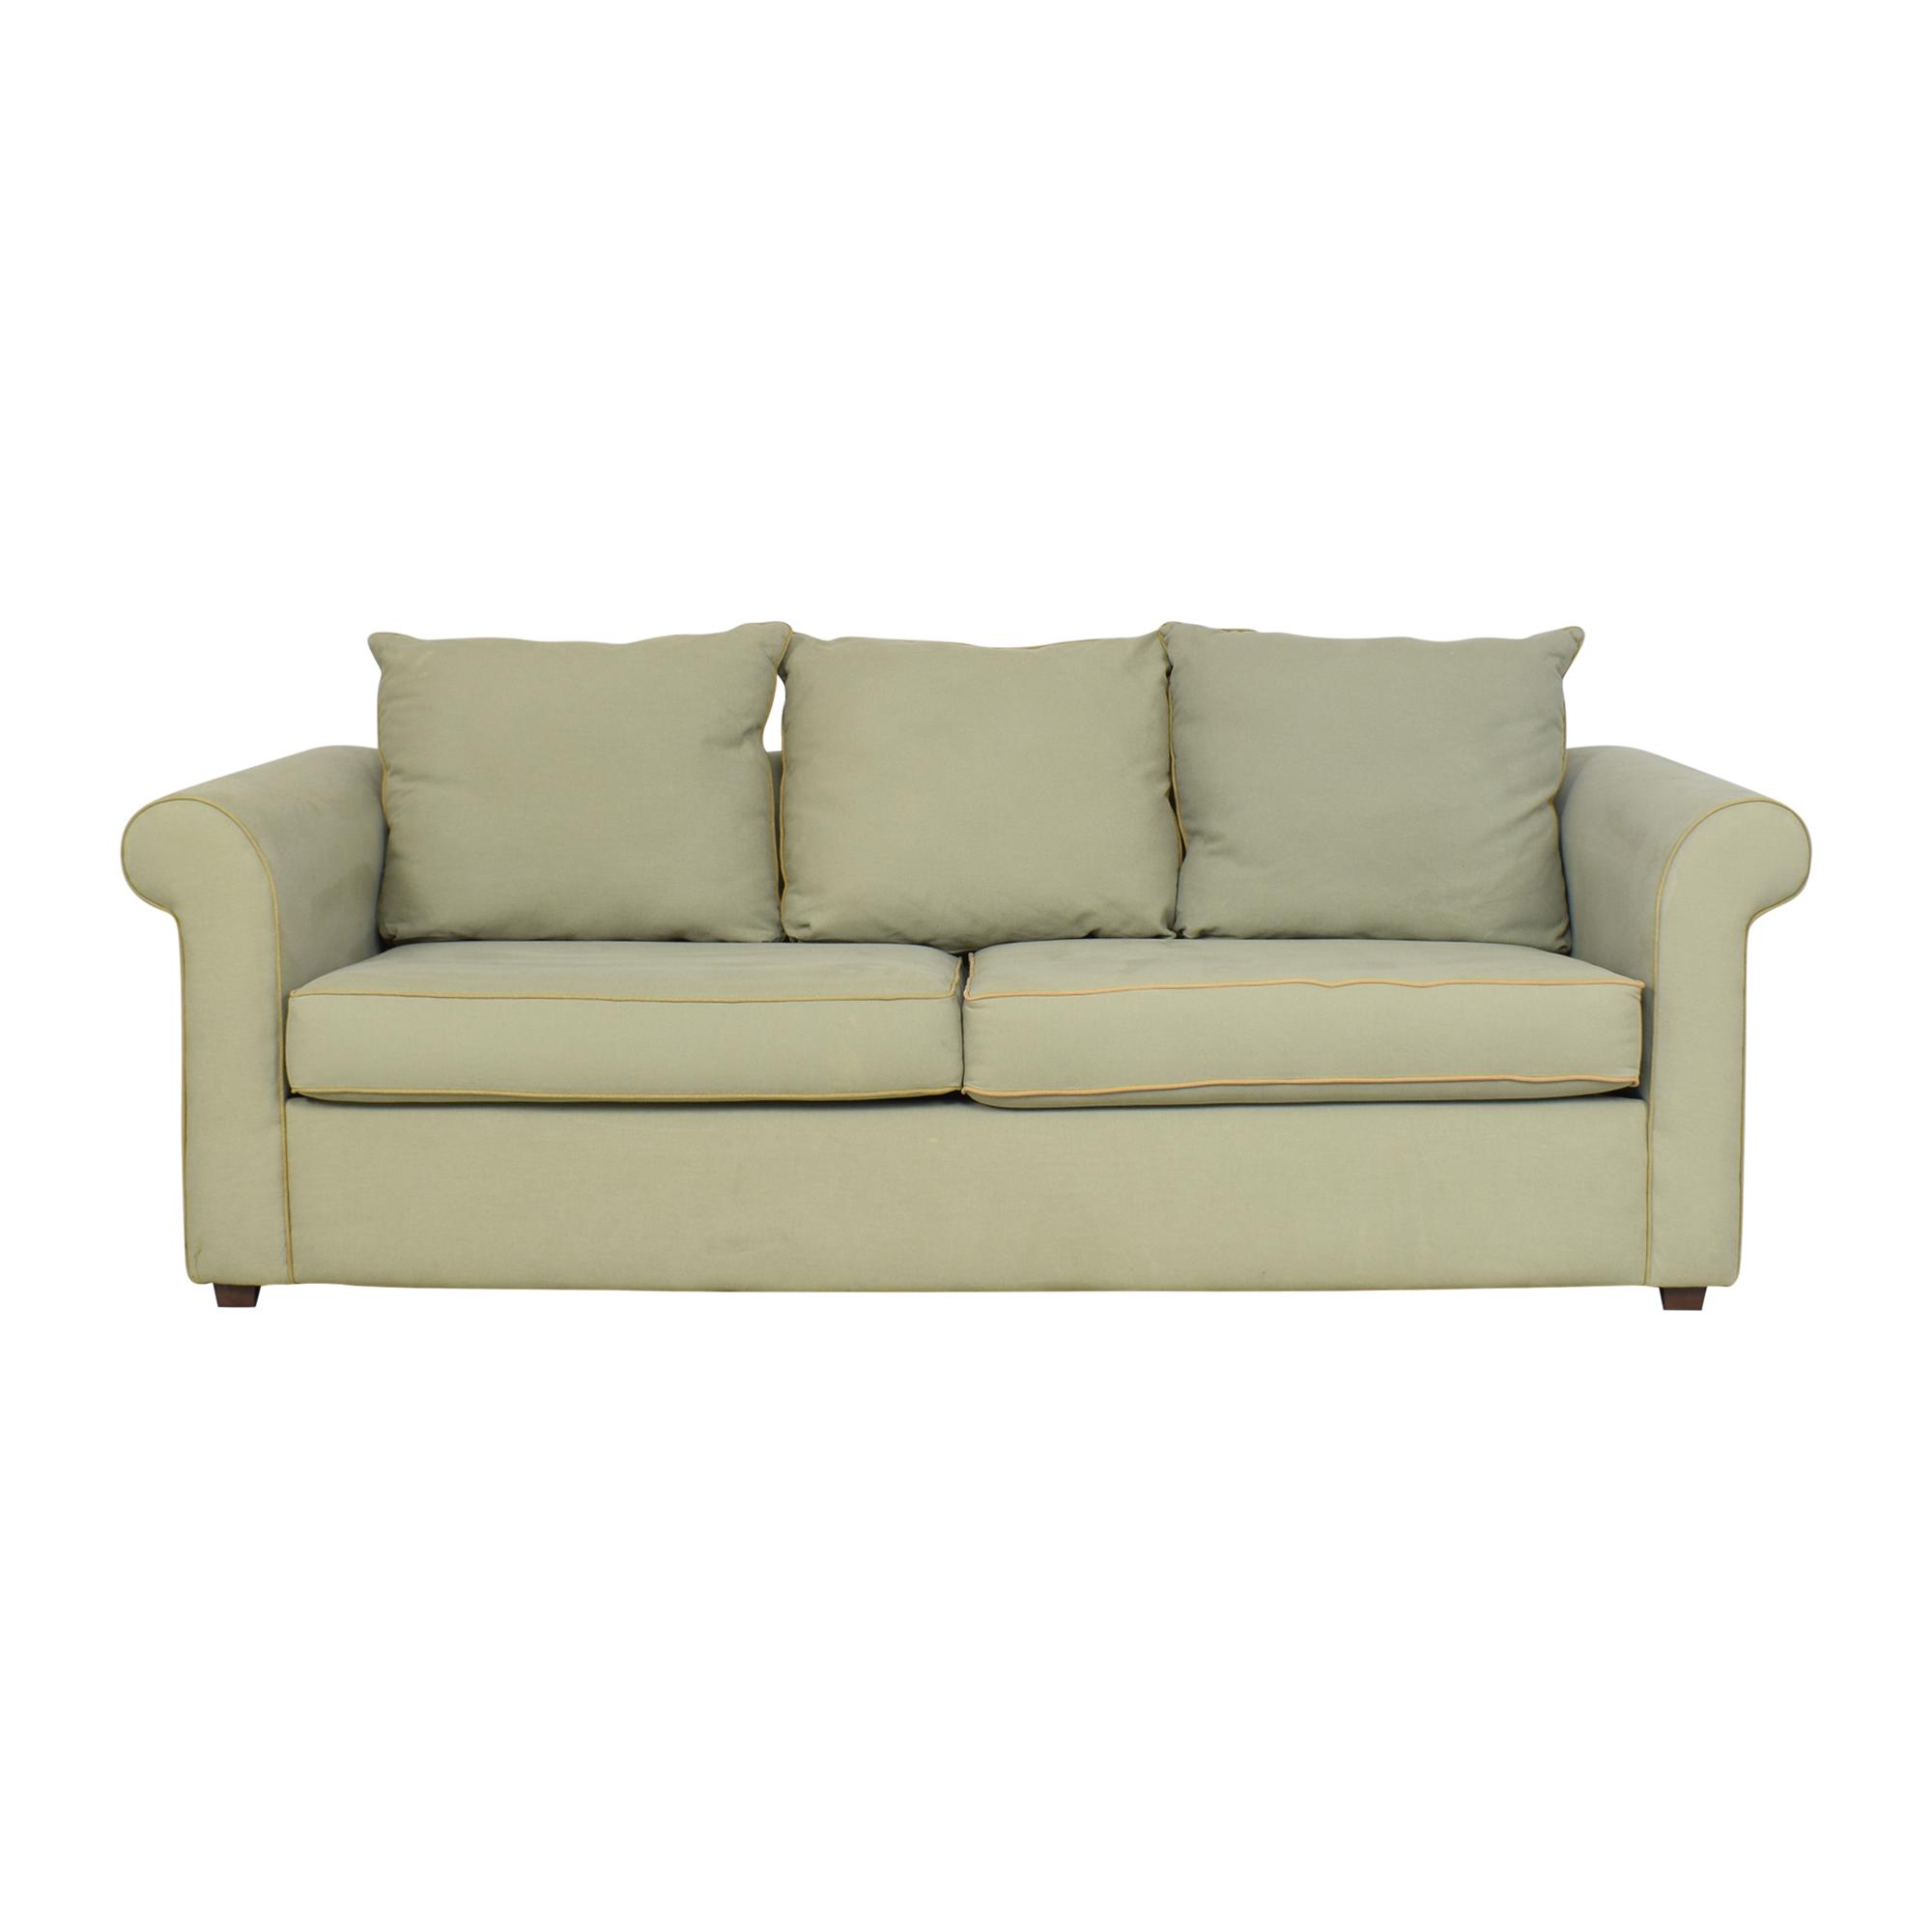 IKEA IKEA Two Cushion Sofa nj